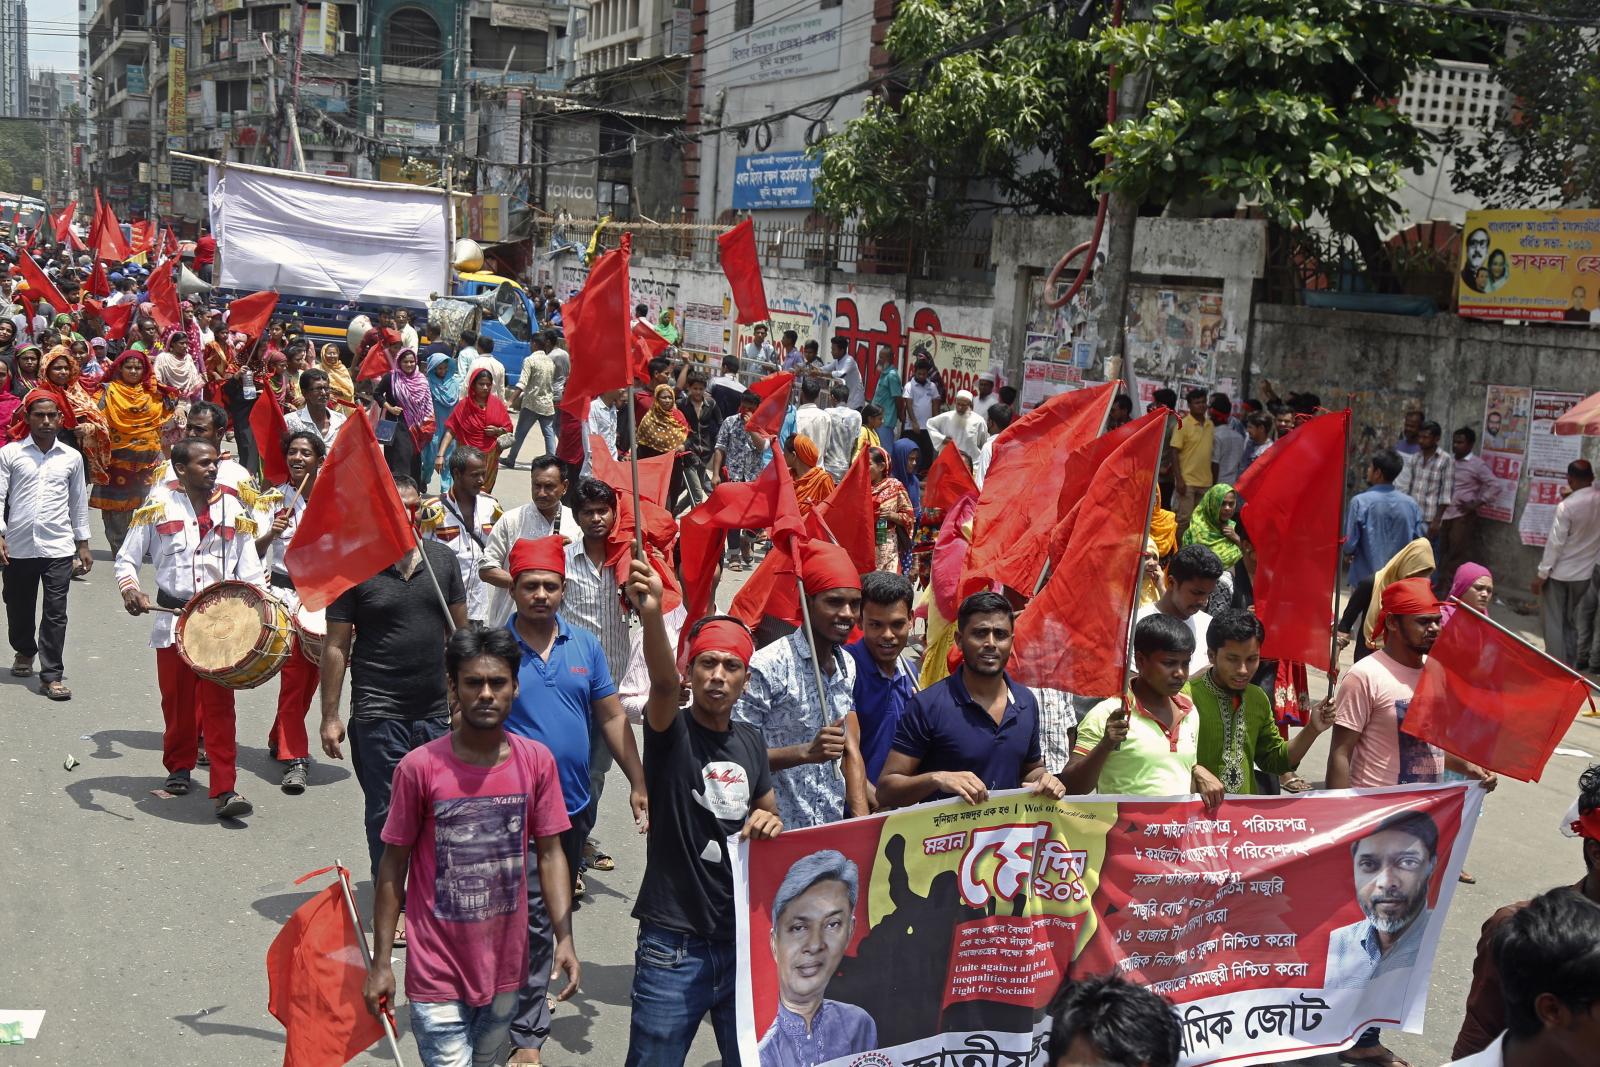 Święto Pracy w Bangladeszu EPA/MONIRUL ALAM